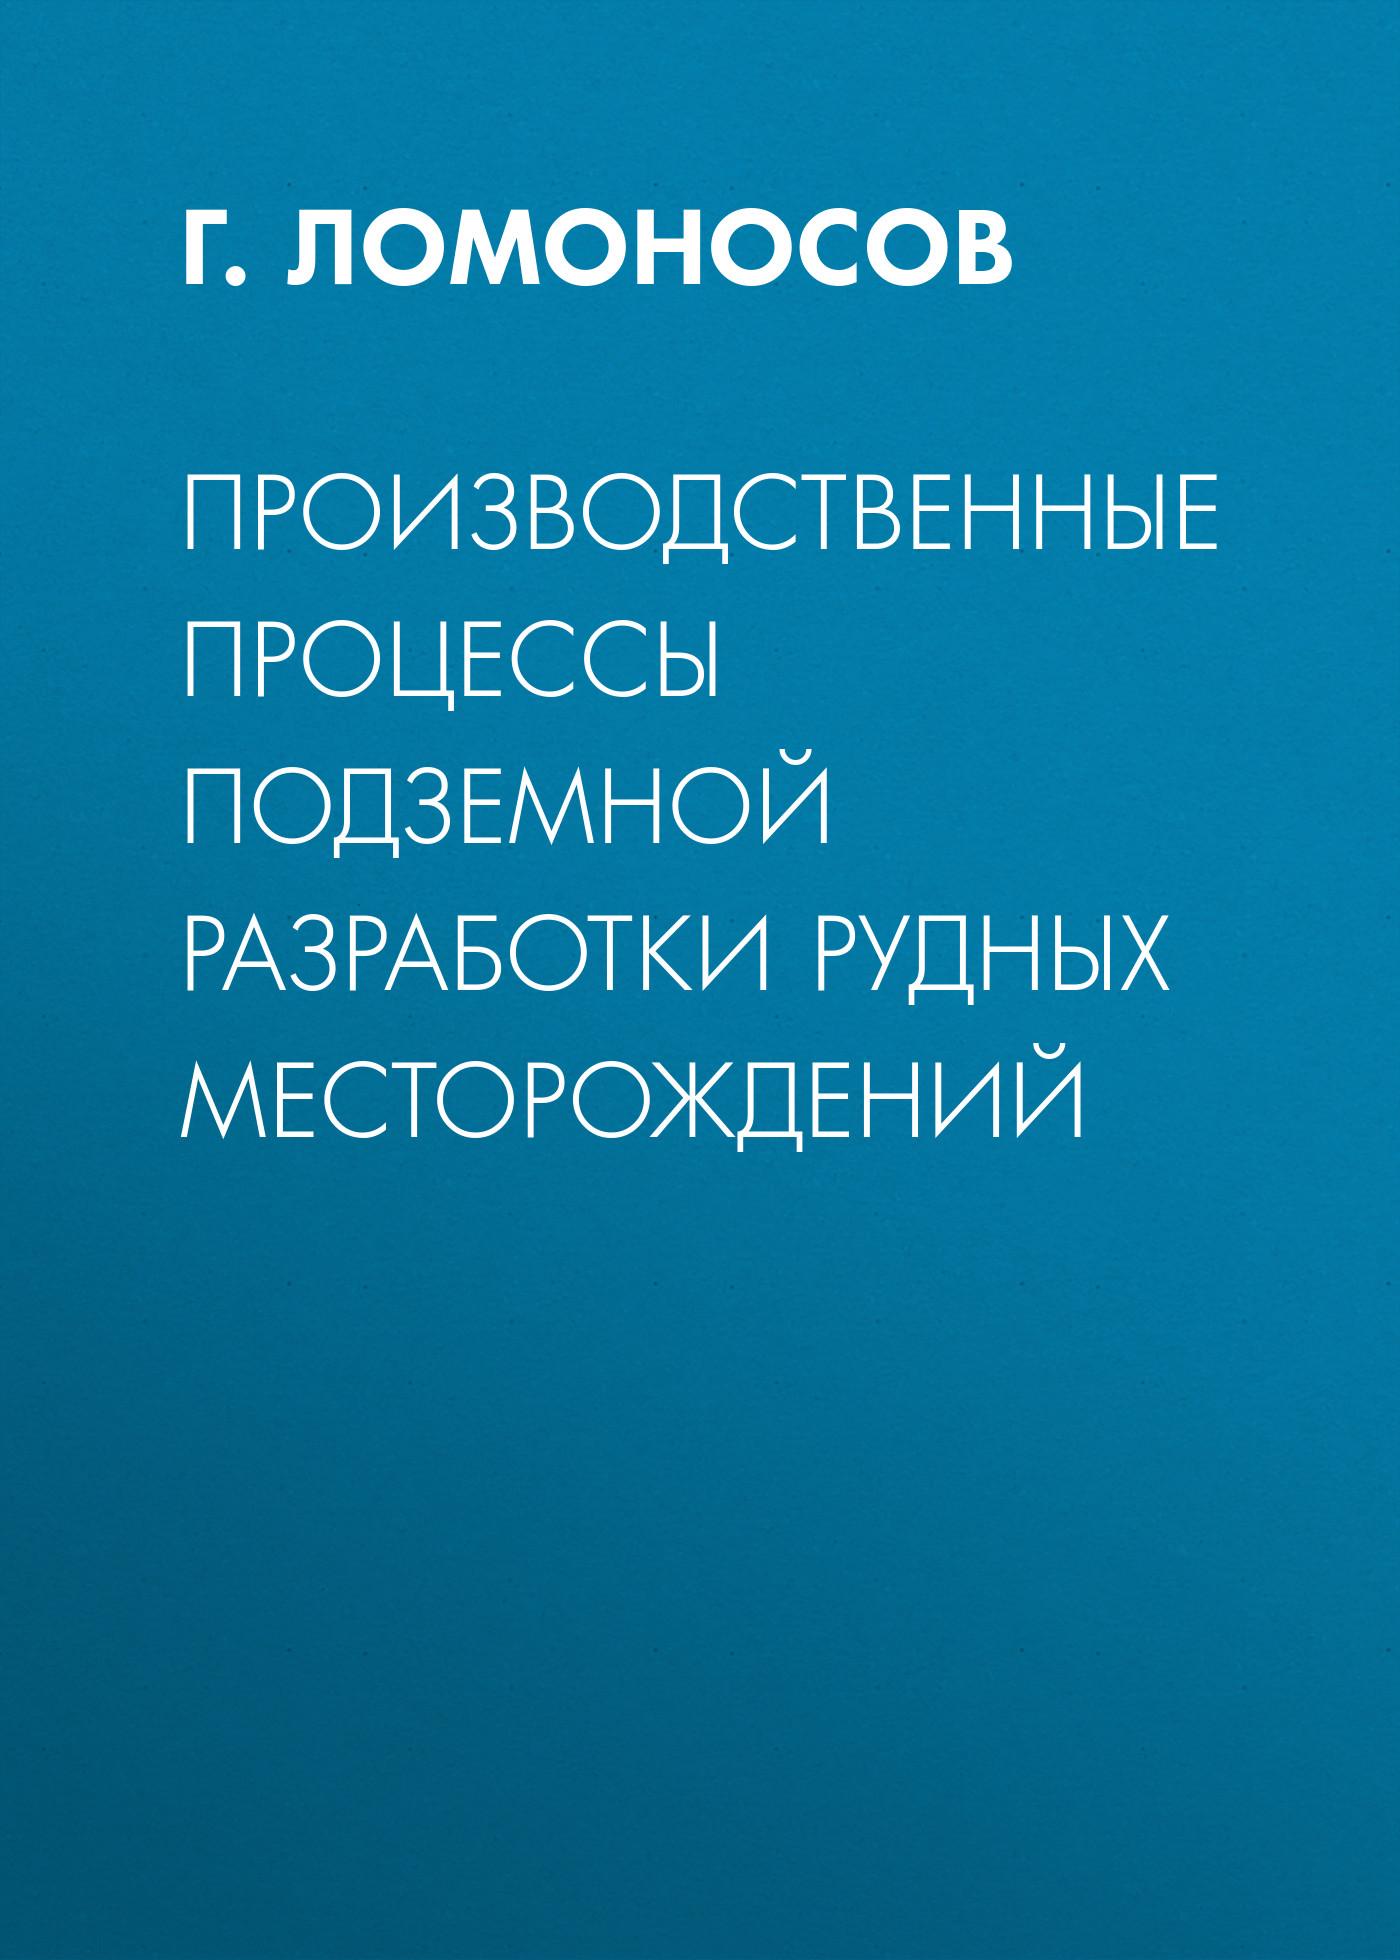 Г. Ломоносов Производственные процессы подземной разработки рудных месторождений